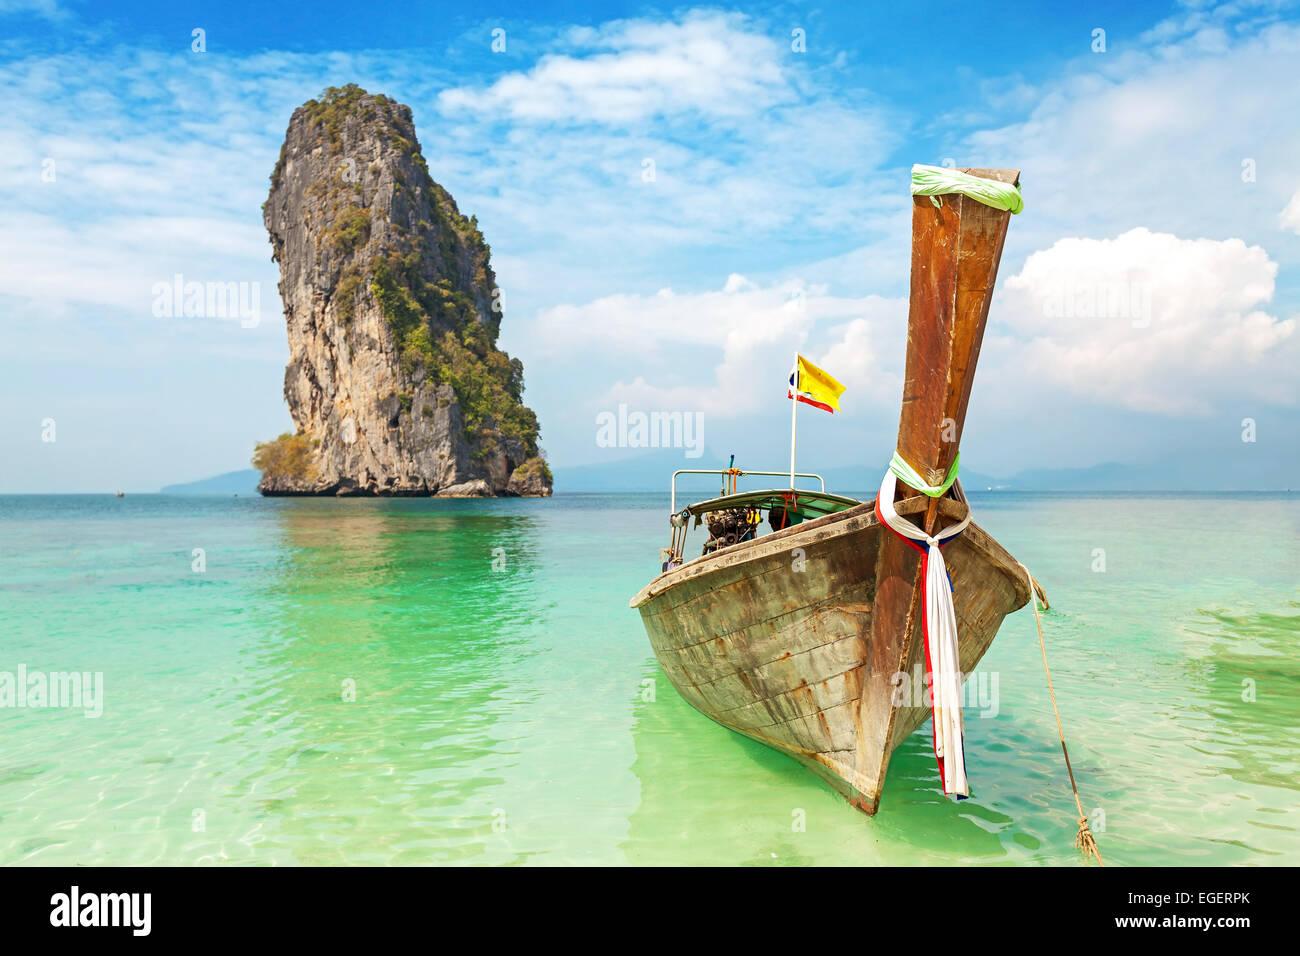 Vieux bateau en bois sur une île tropicale. Photo Stock